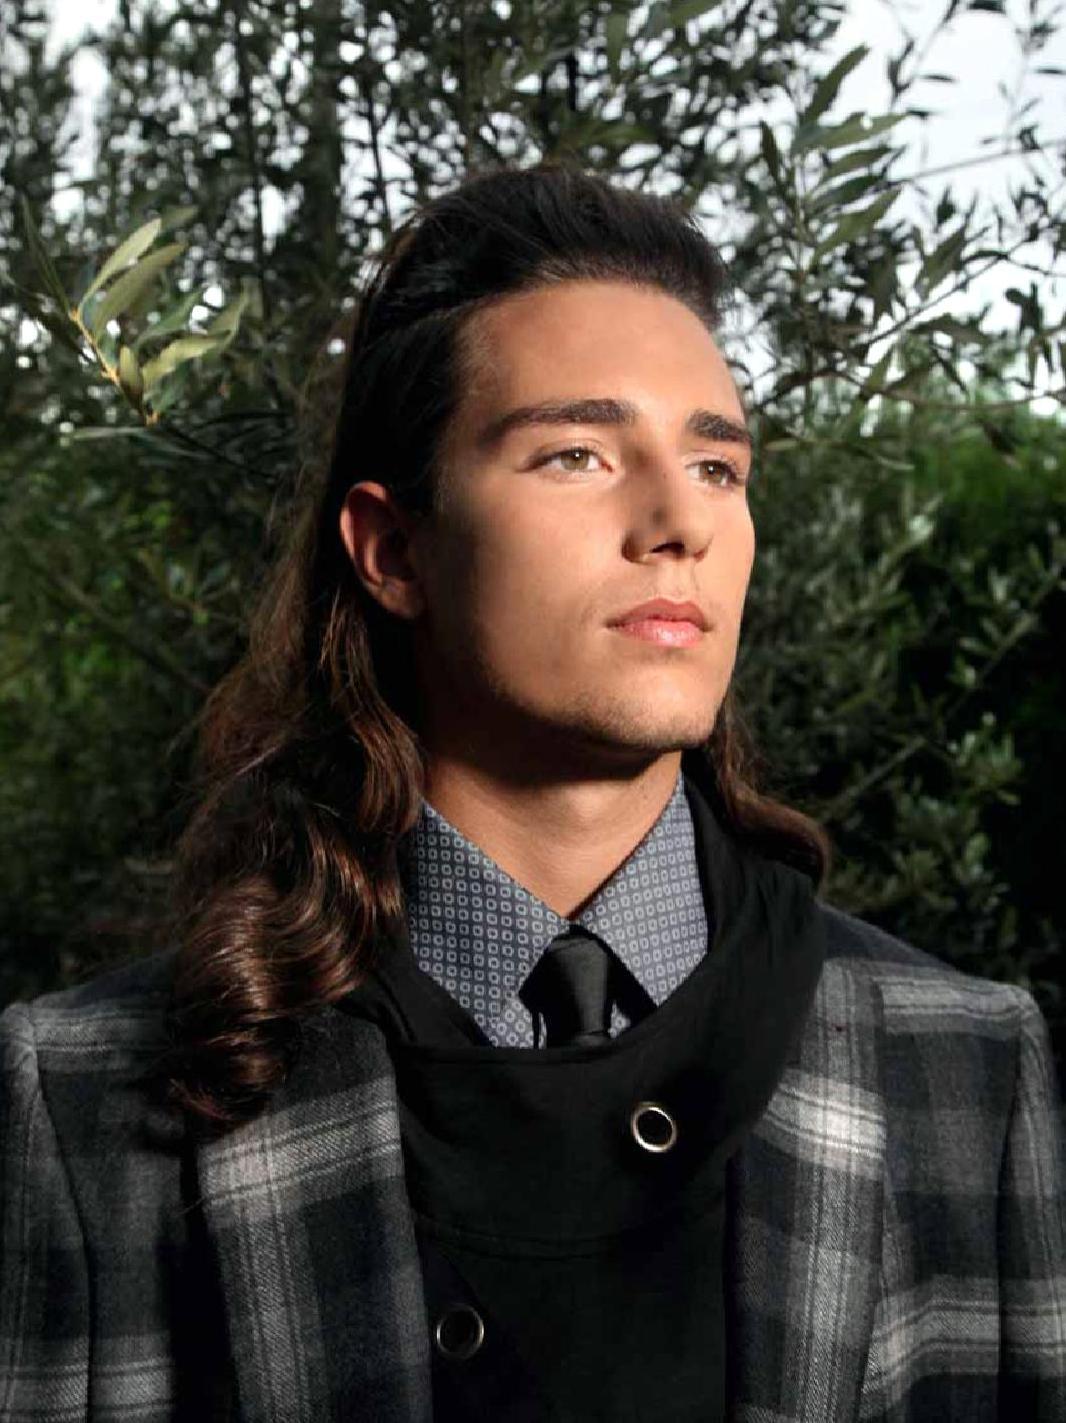 corte pelo largo 2018 cabello ondulado hombre 2018 - Cortes De Pelo Largo Hombre